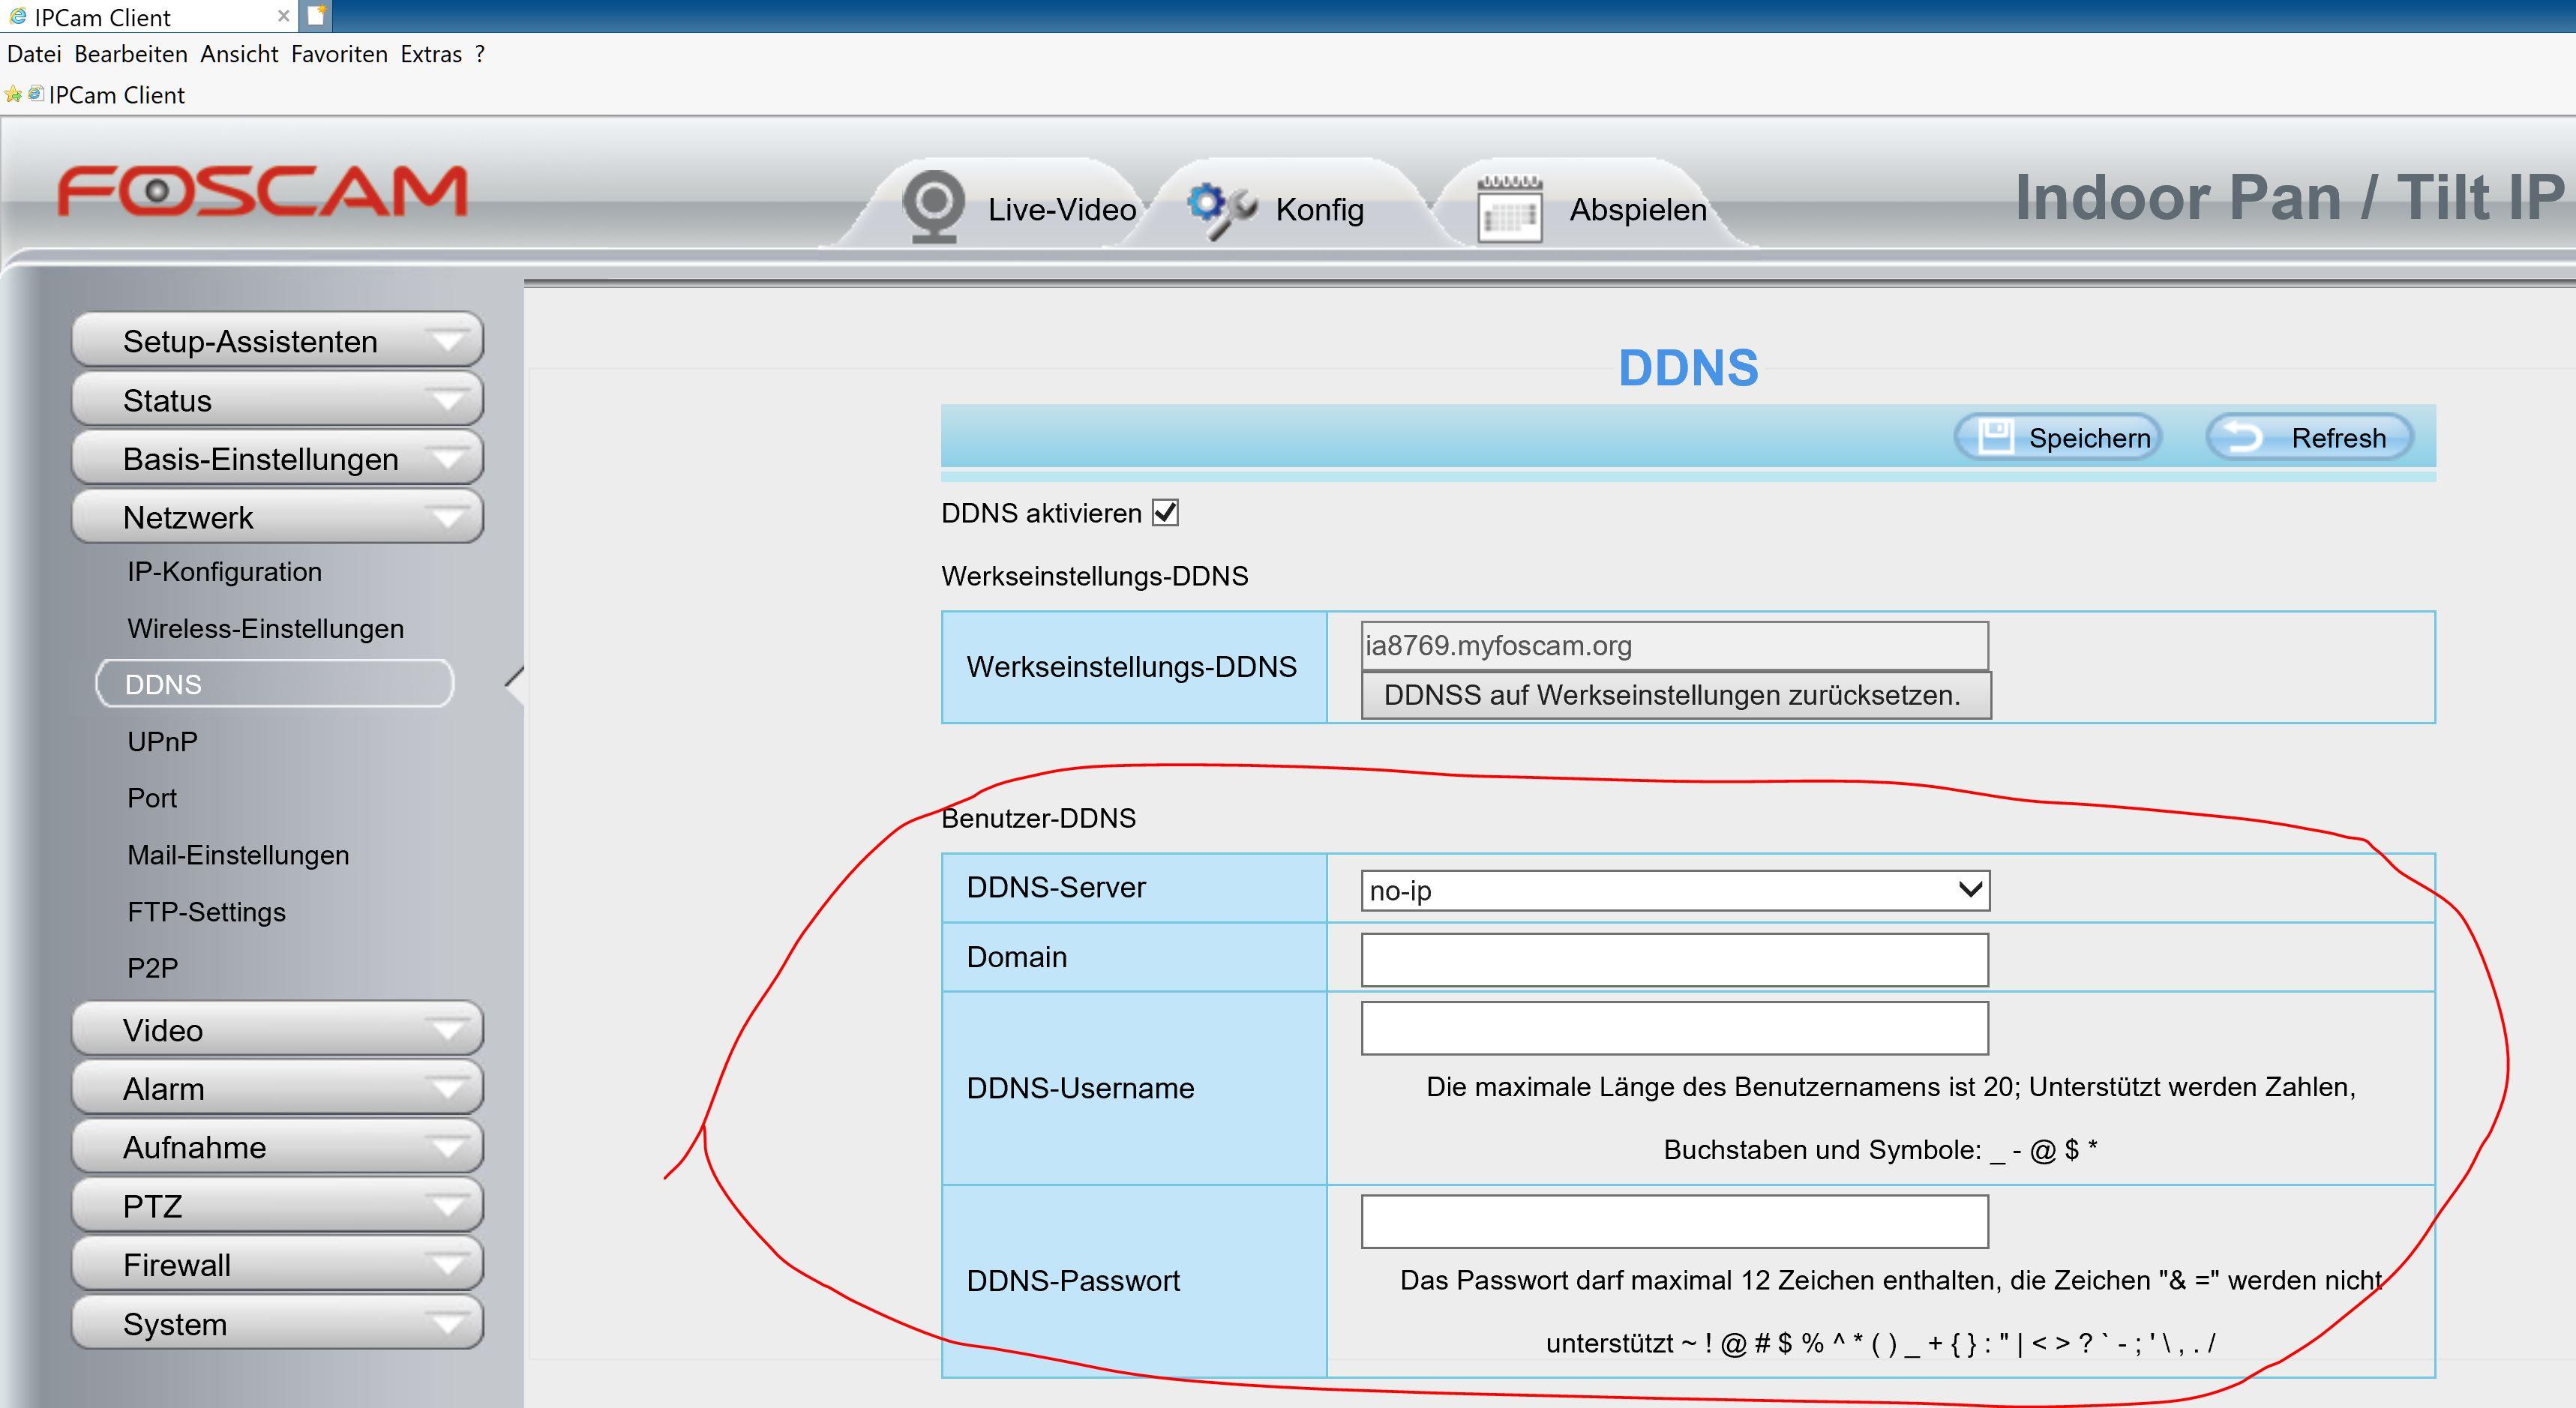 Foscam Web GUI - DYNDNS Eintrag DroDown Menue no-ip.JPG